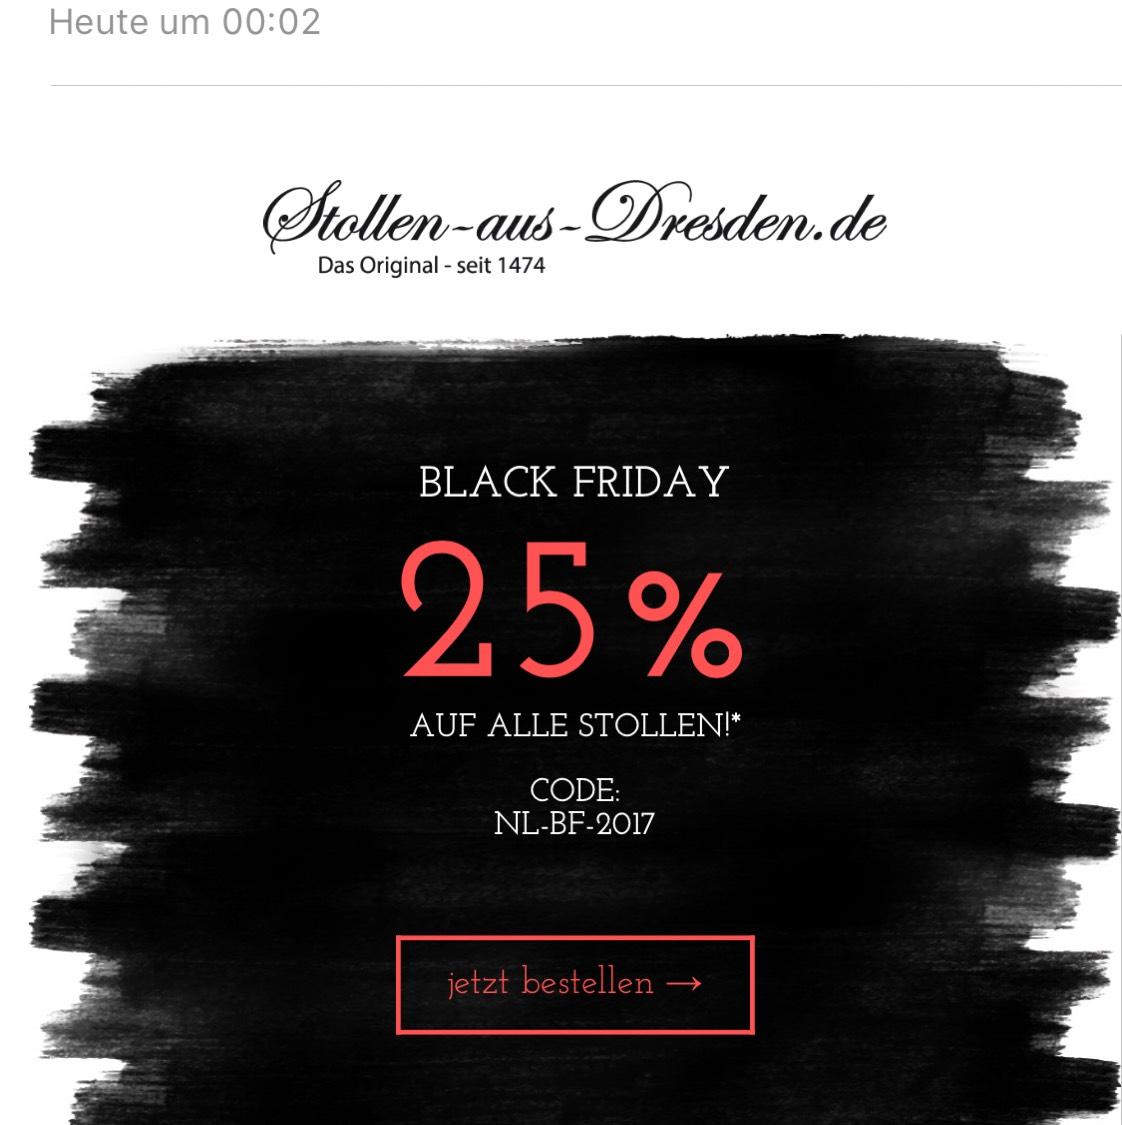 Original Stollen aus Dresden mit 25% Rabatt